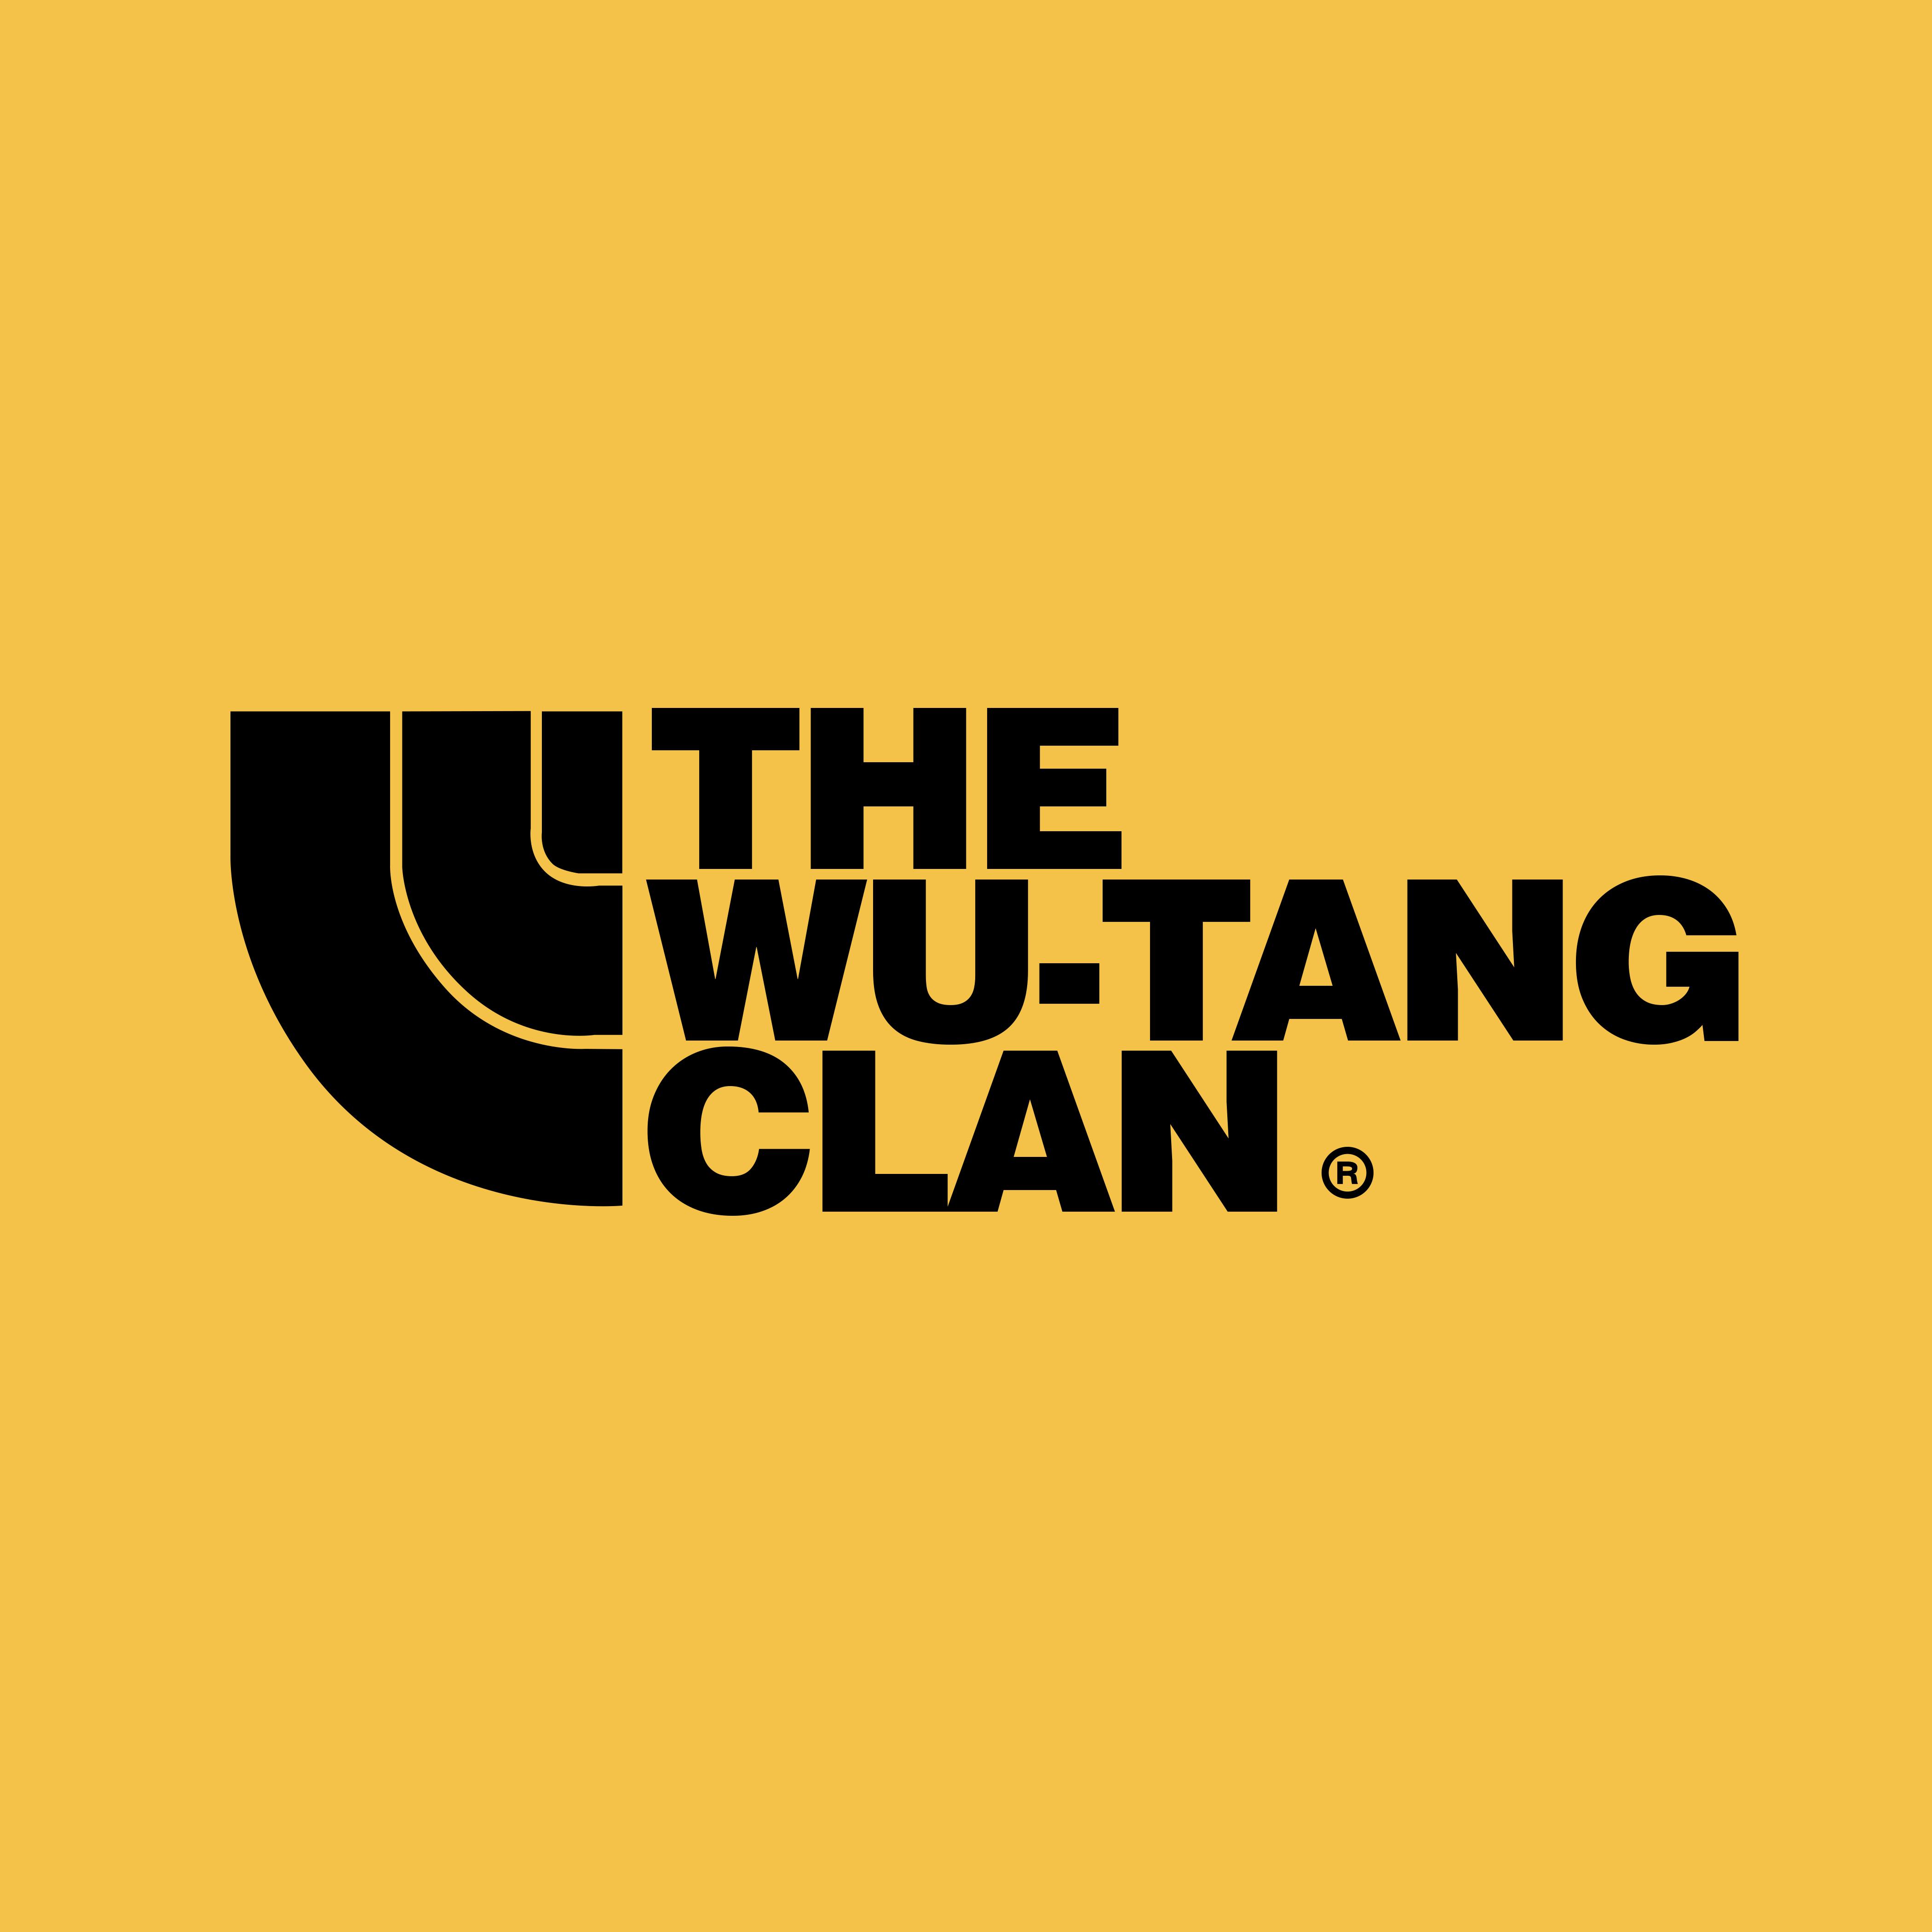 Wu Face In 2021 Wu Tang Clan Logo Hip Hop Art Wu Tang Clan